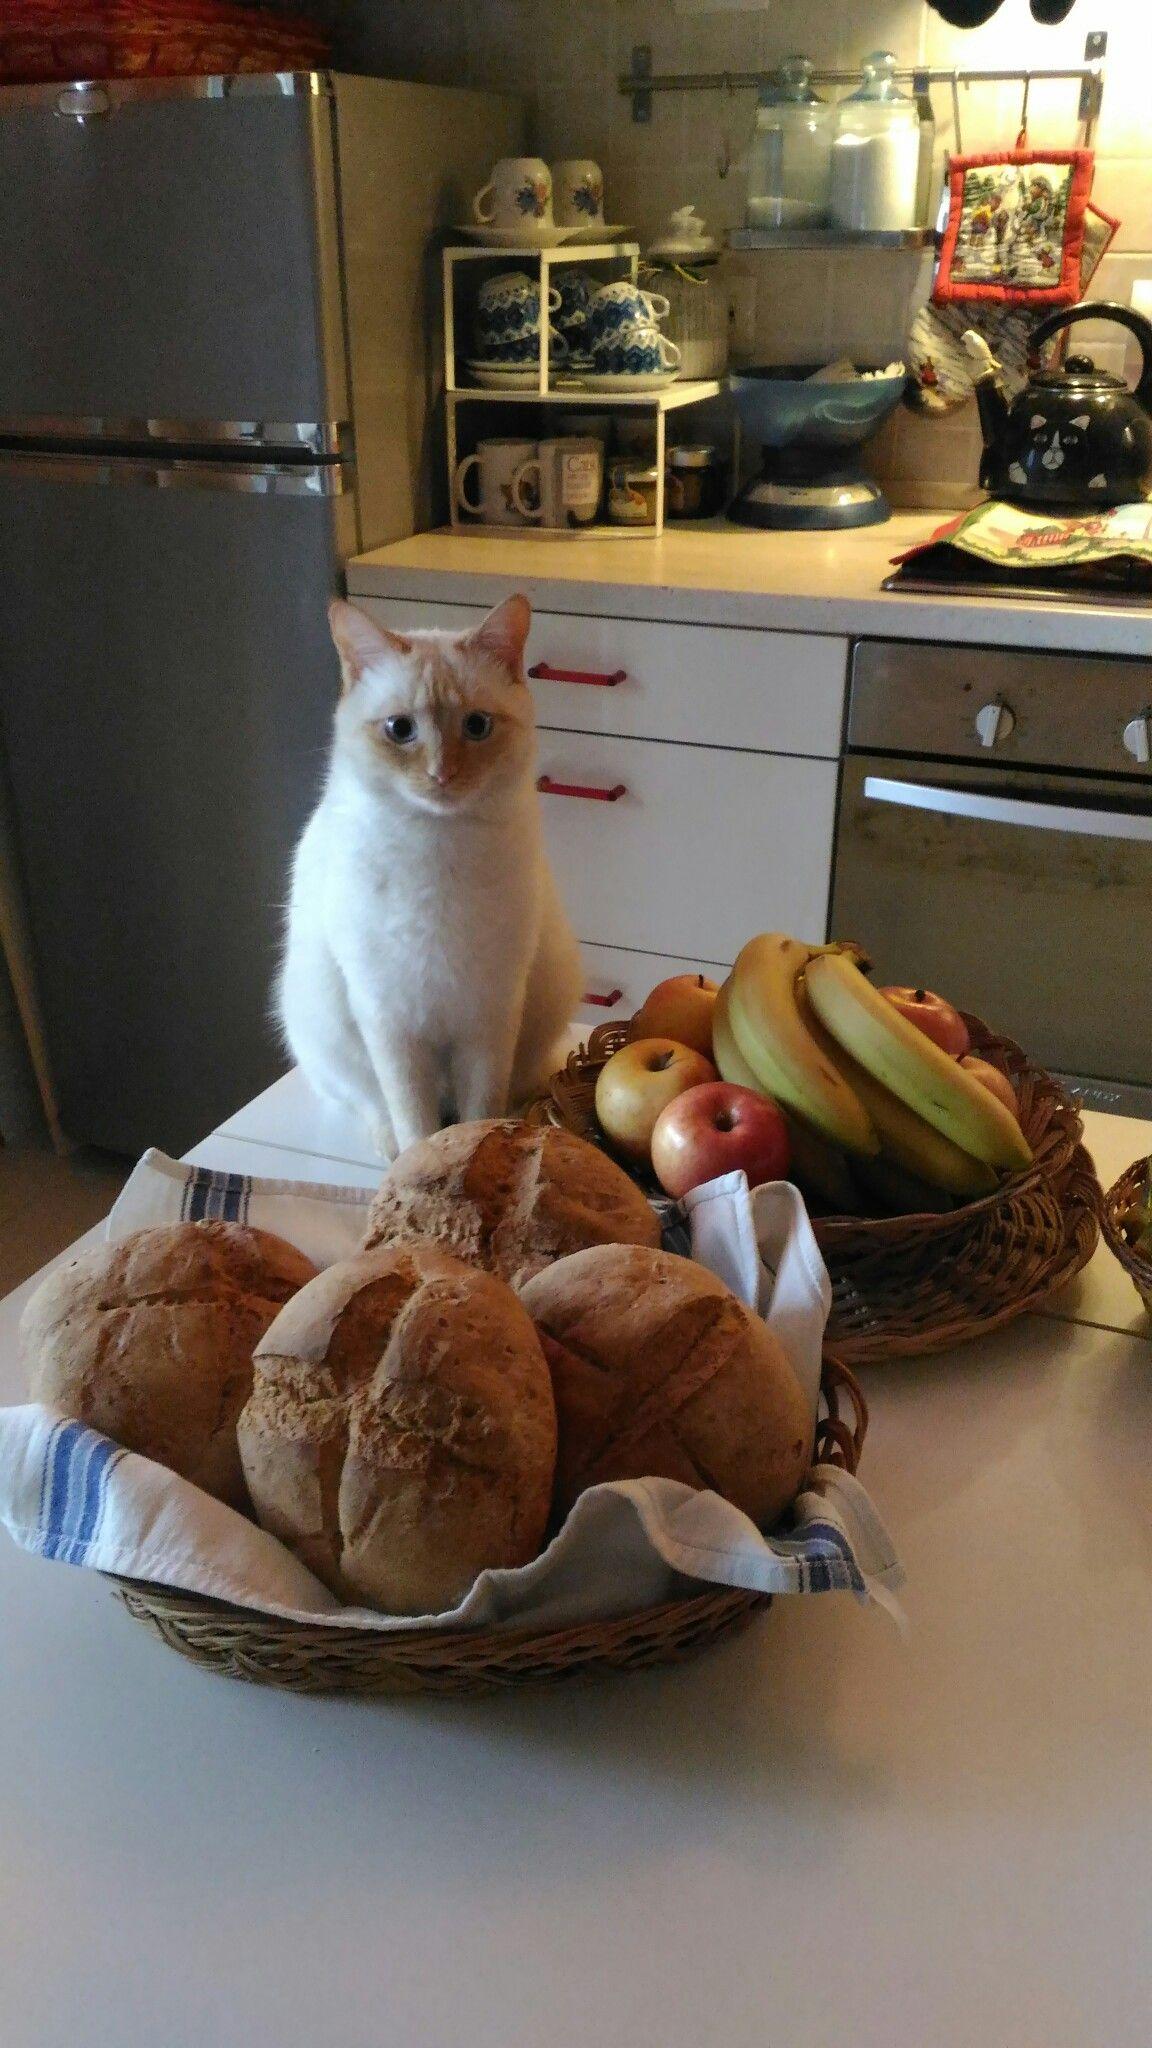 """Mia mostra tutta seria il frutto del suo lavoro:""""Mammina, ho fatto il pane, sono stata brava? Giuro, non ne ho rosicchiato neanche una briciolina!"""""""